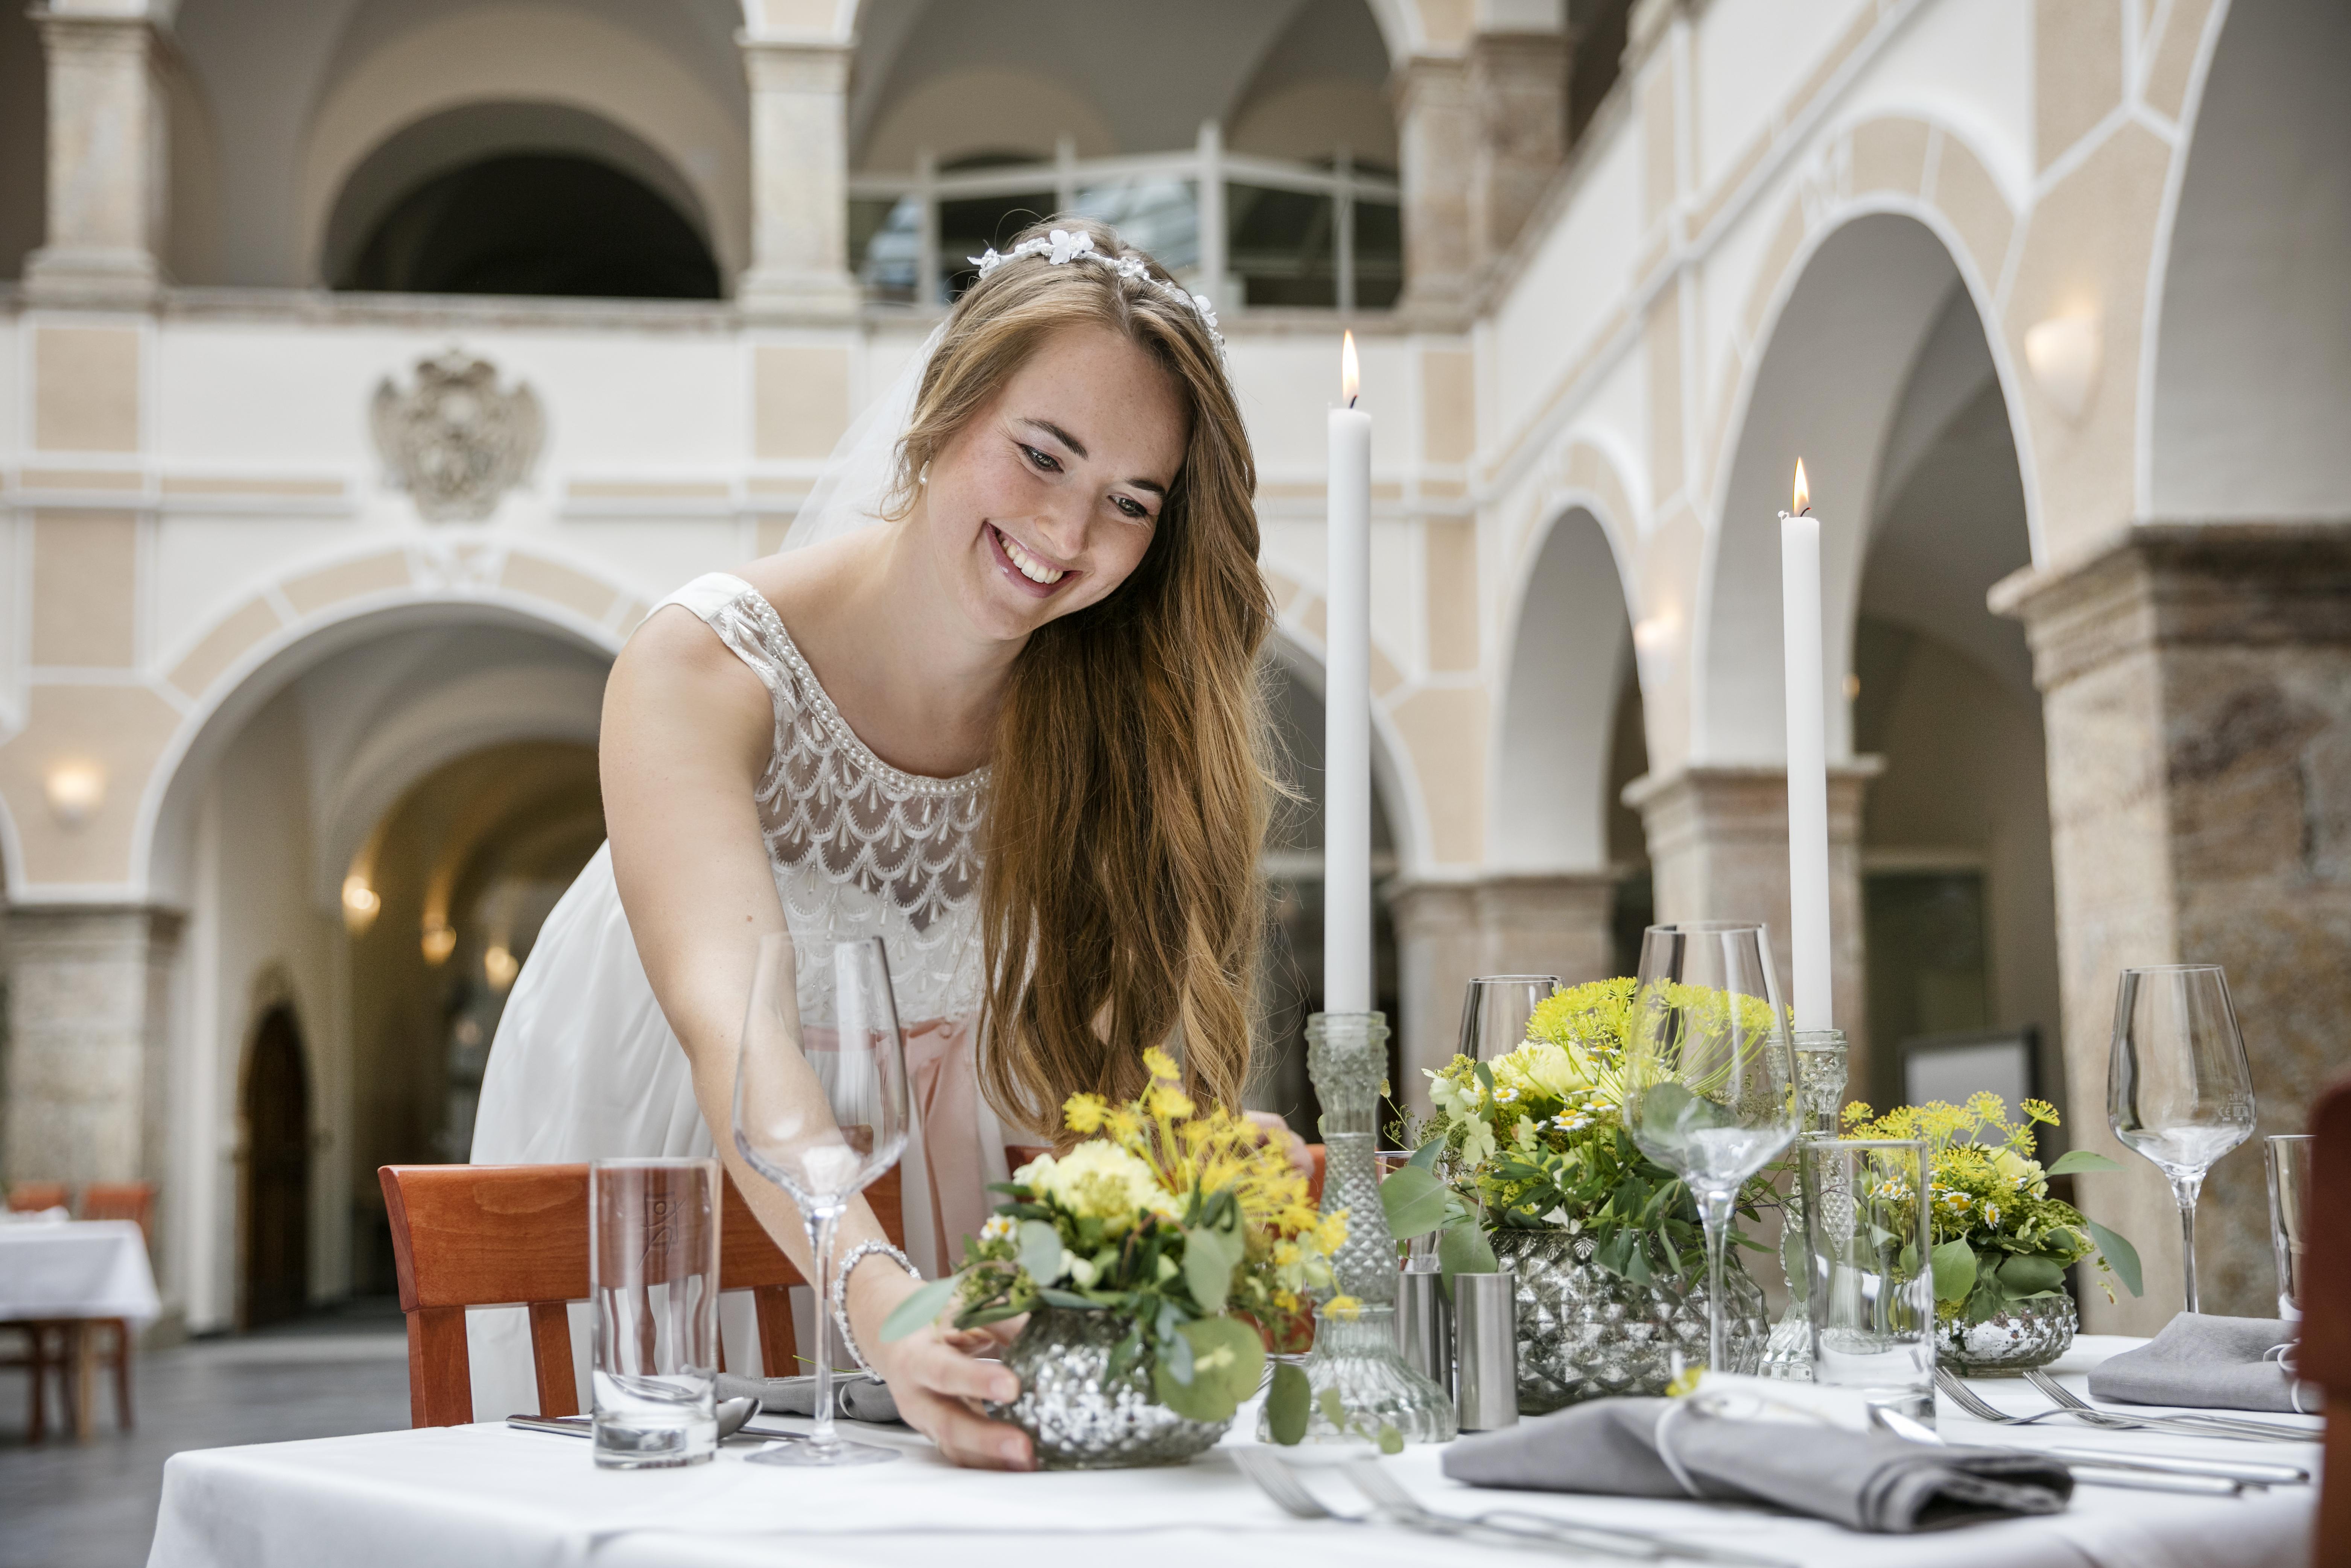 Sie sehen eine Braut den Hochzeitstisch decken im JUFA Hotel Schloss Röthelstein/Admont***. Der Ort für märchenhafte Hochzeiten und erfolgreiche und kreative Seminare.